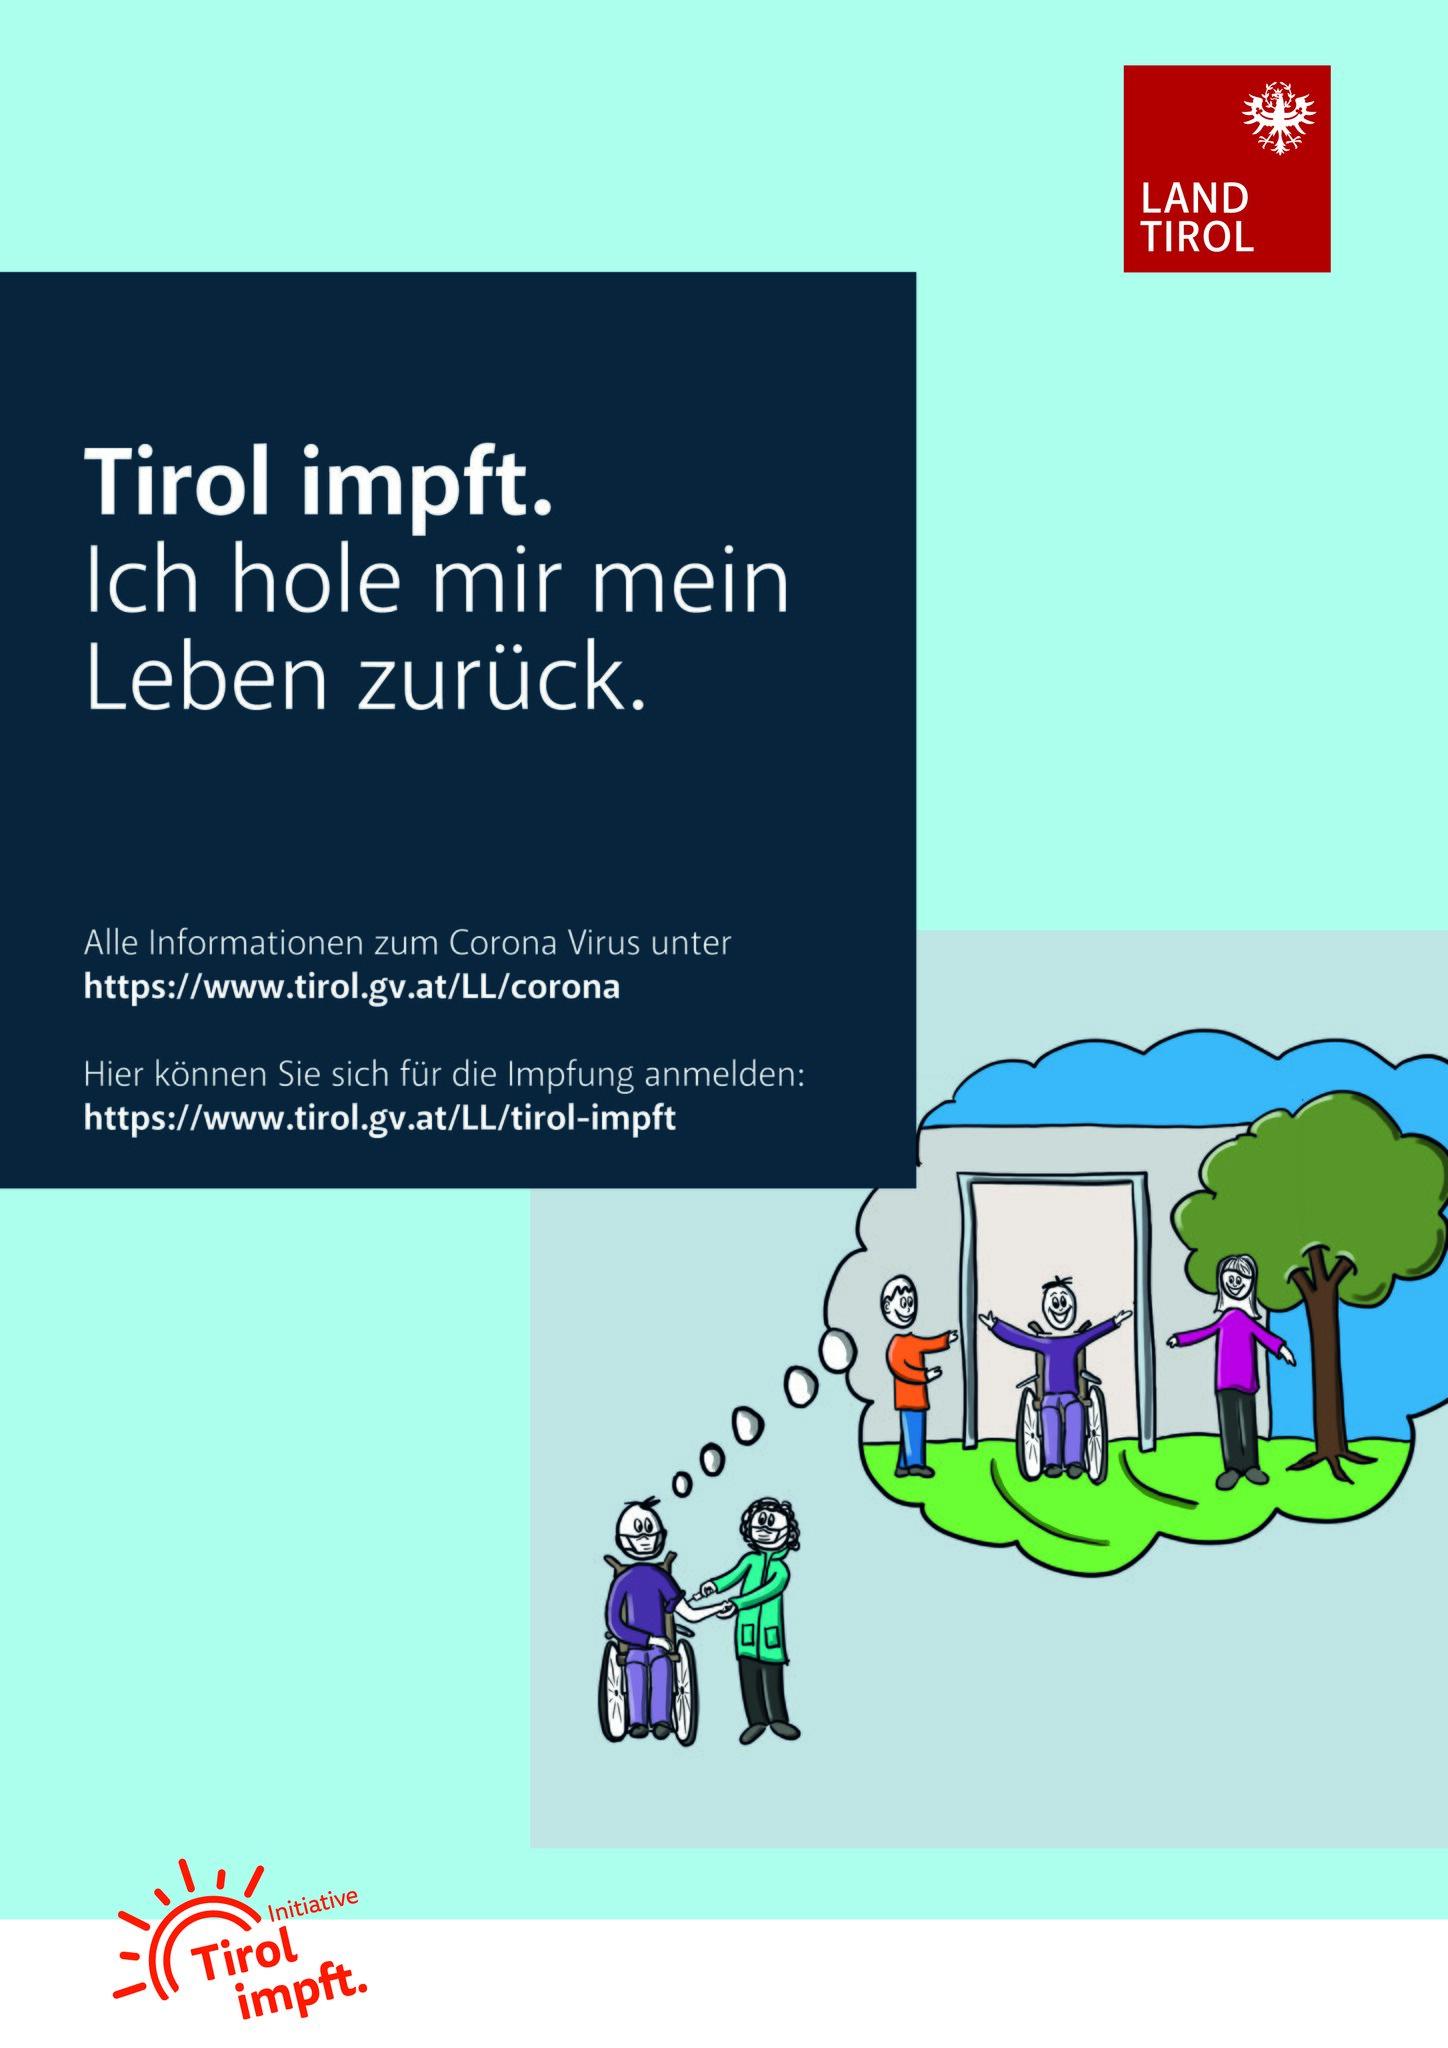 Land mein text tiroler Tirol, Tirol,